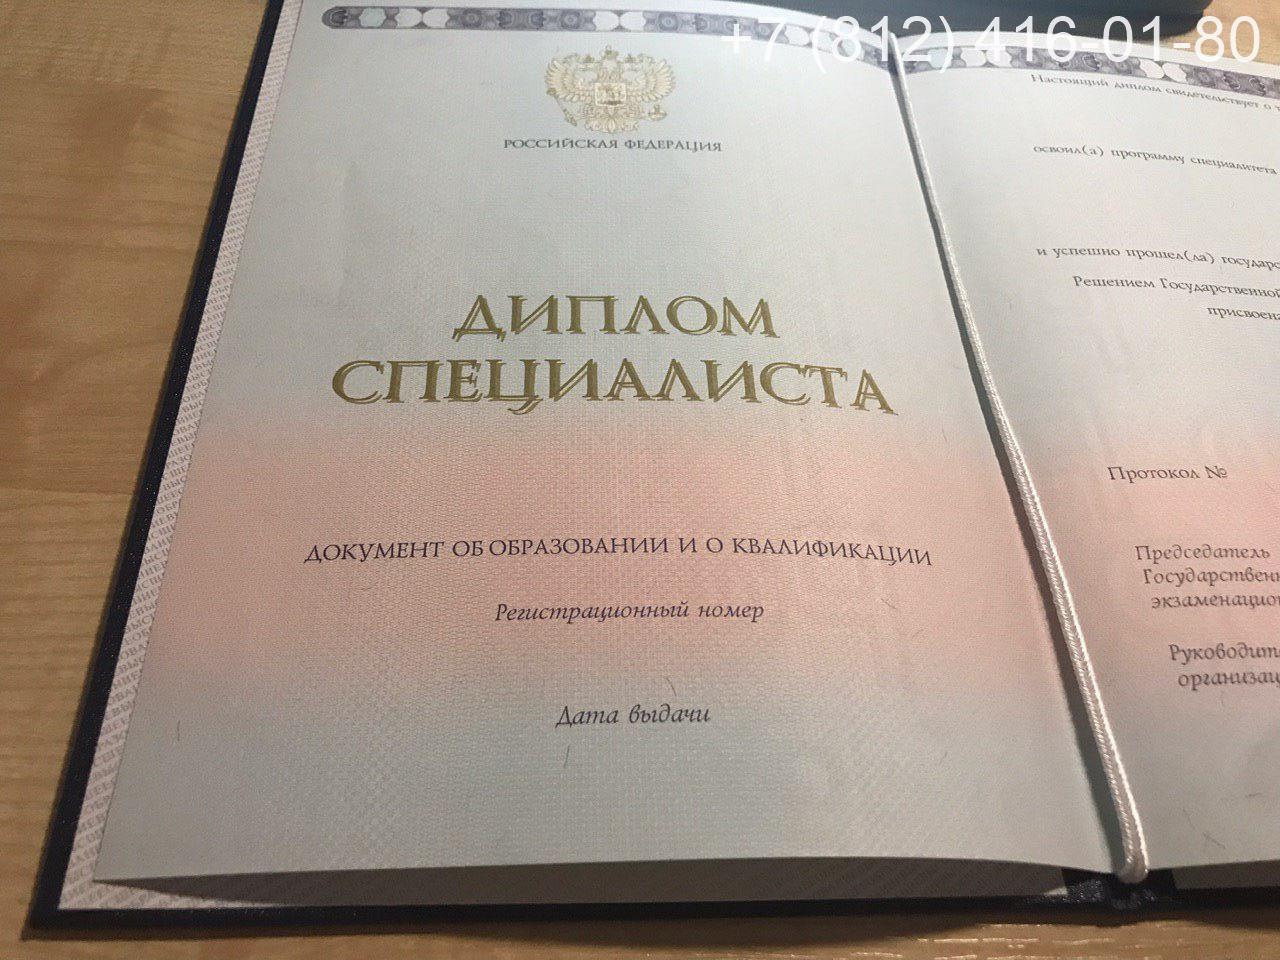 Диплом специалиста 2014-2020 годов, образец, титульный лист-1